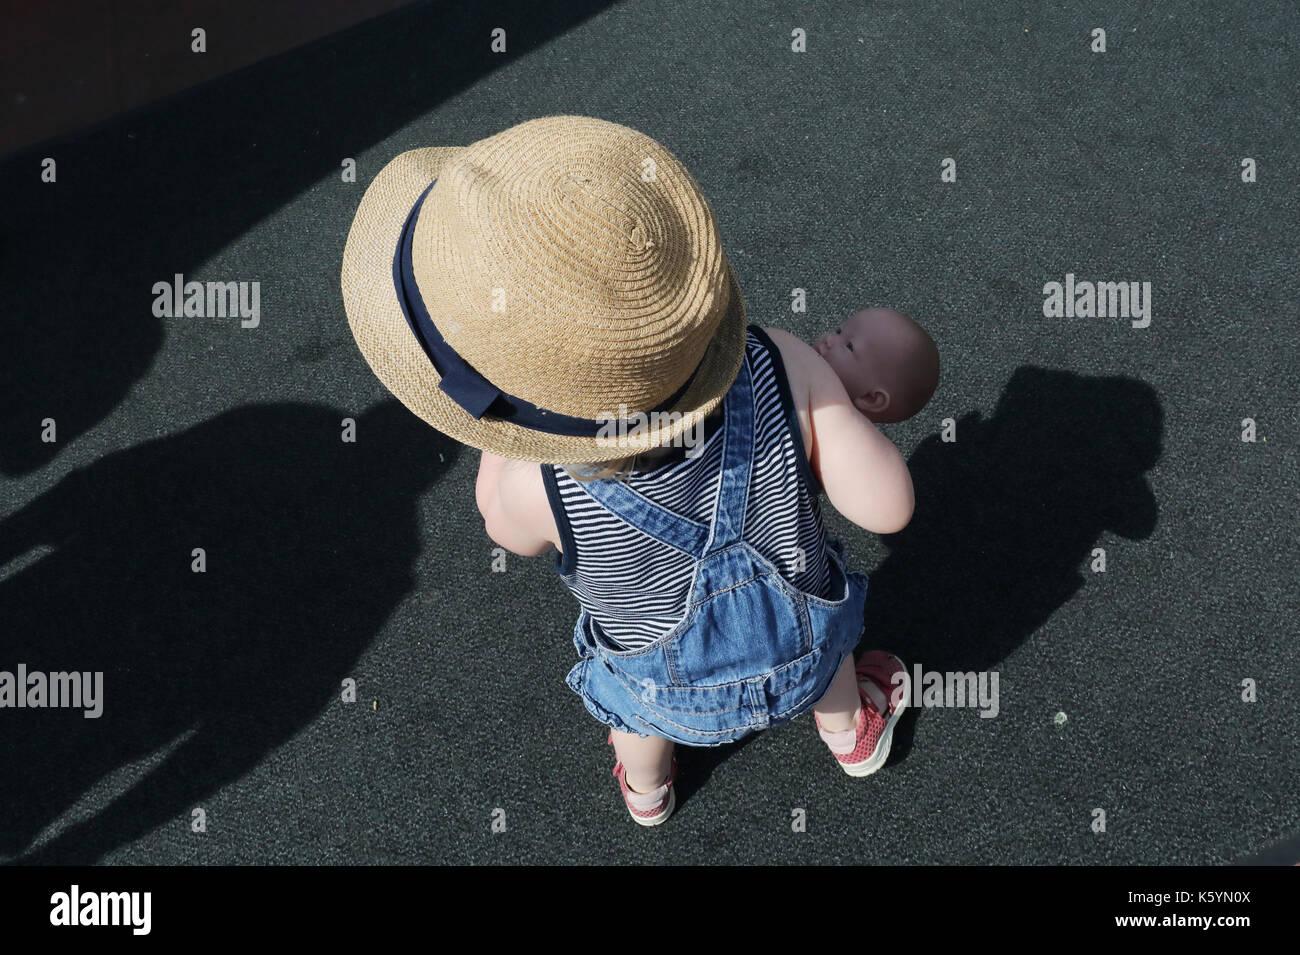 little girl in Amsterdam, Nederland - Stock Image